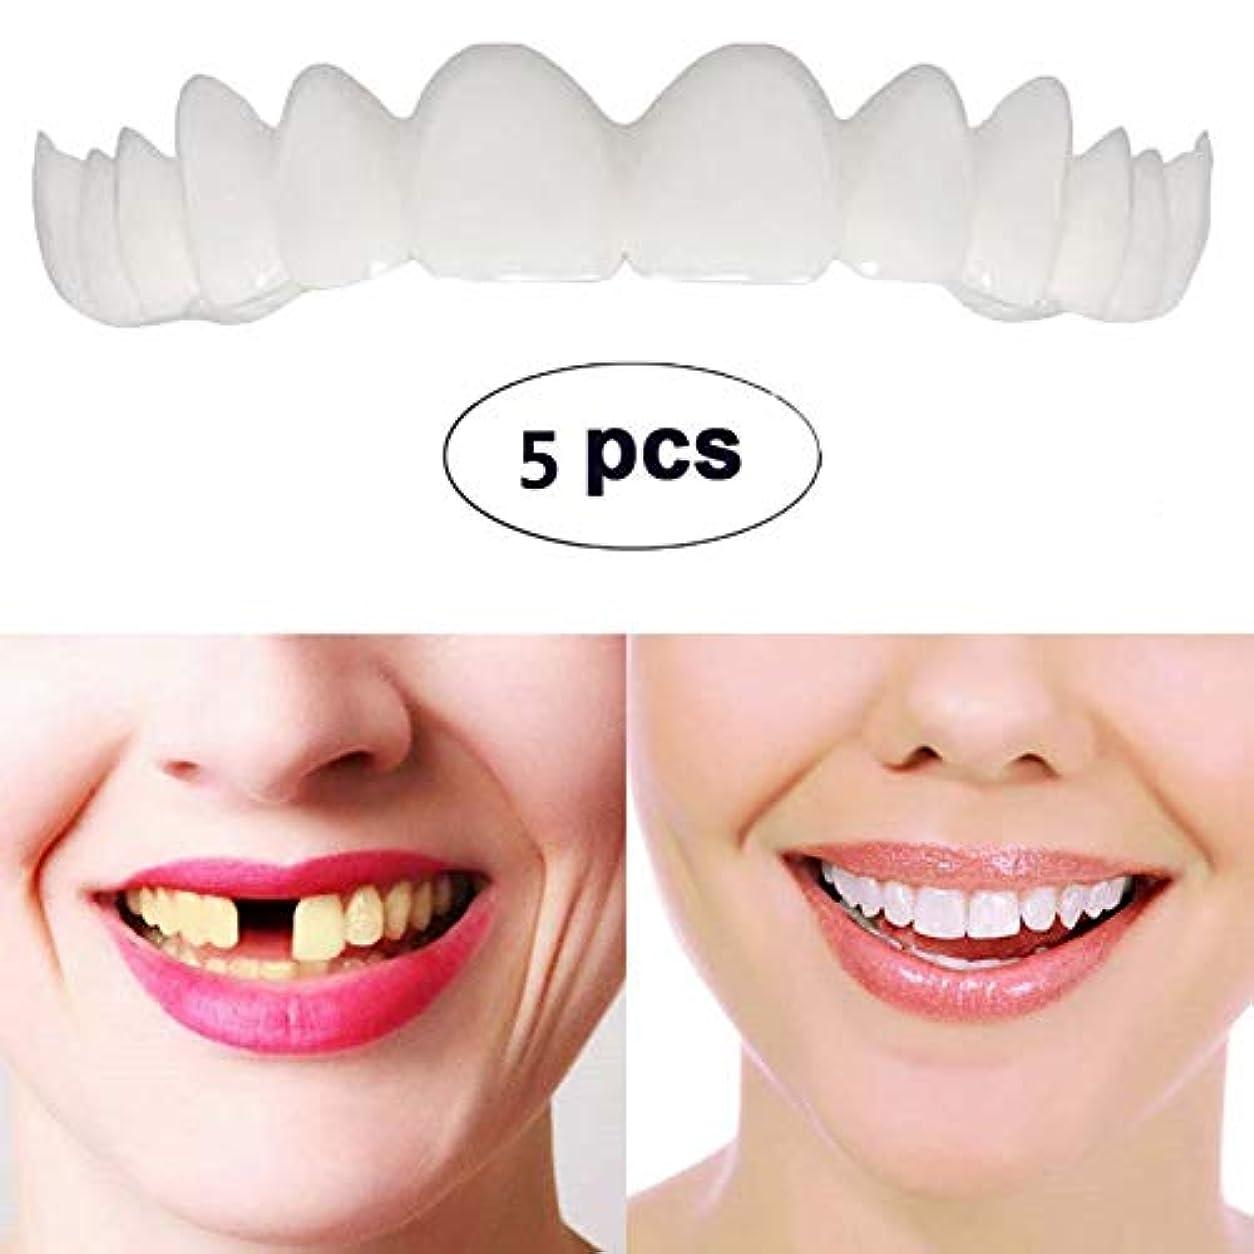 虎目の前の北5ピースインスタントパーフェクトコンフォートフィットフレックス化粧品歯入れ歯歯トップ化粧突き板,5upperteeth